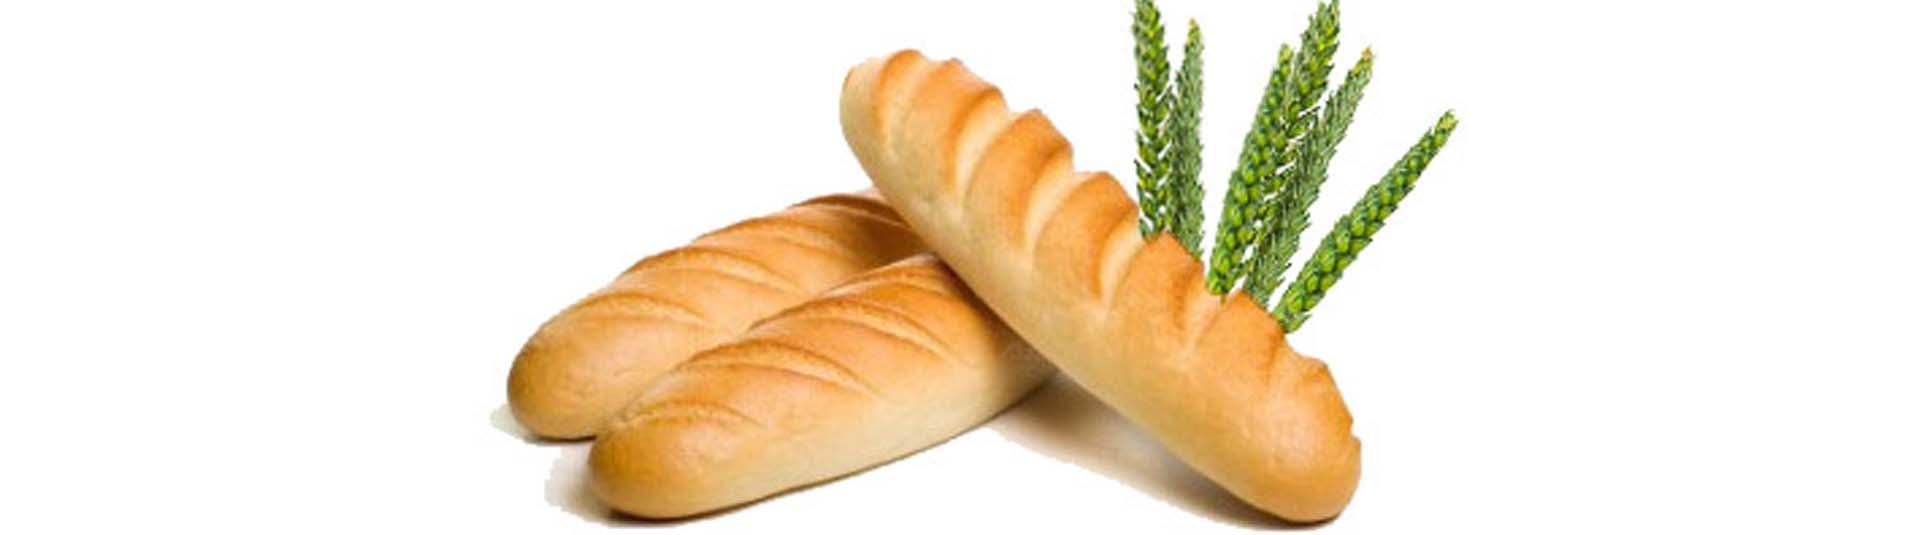 brood1